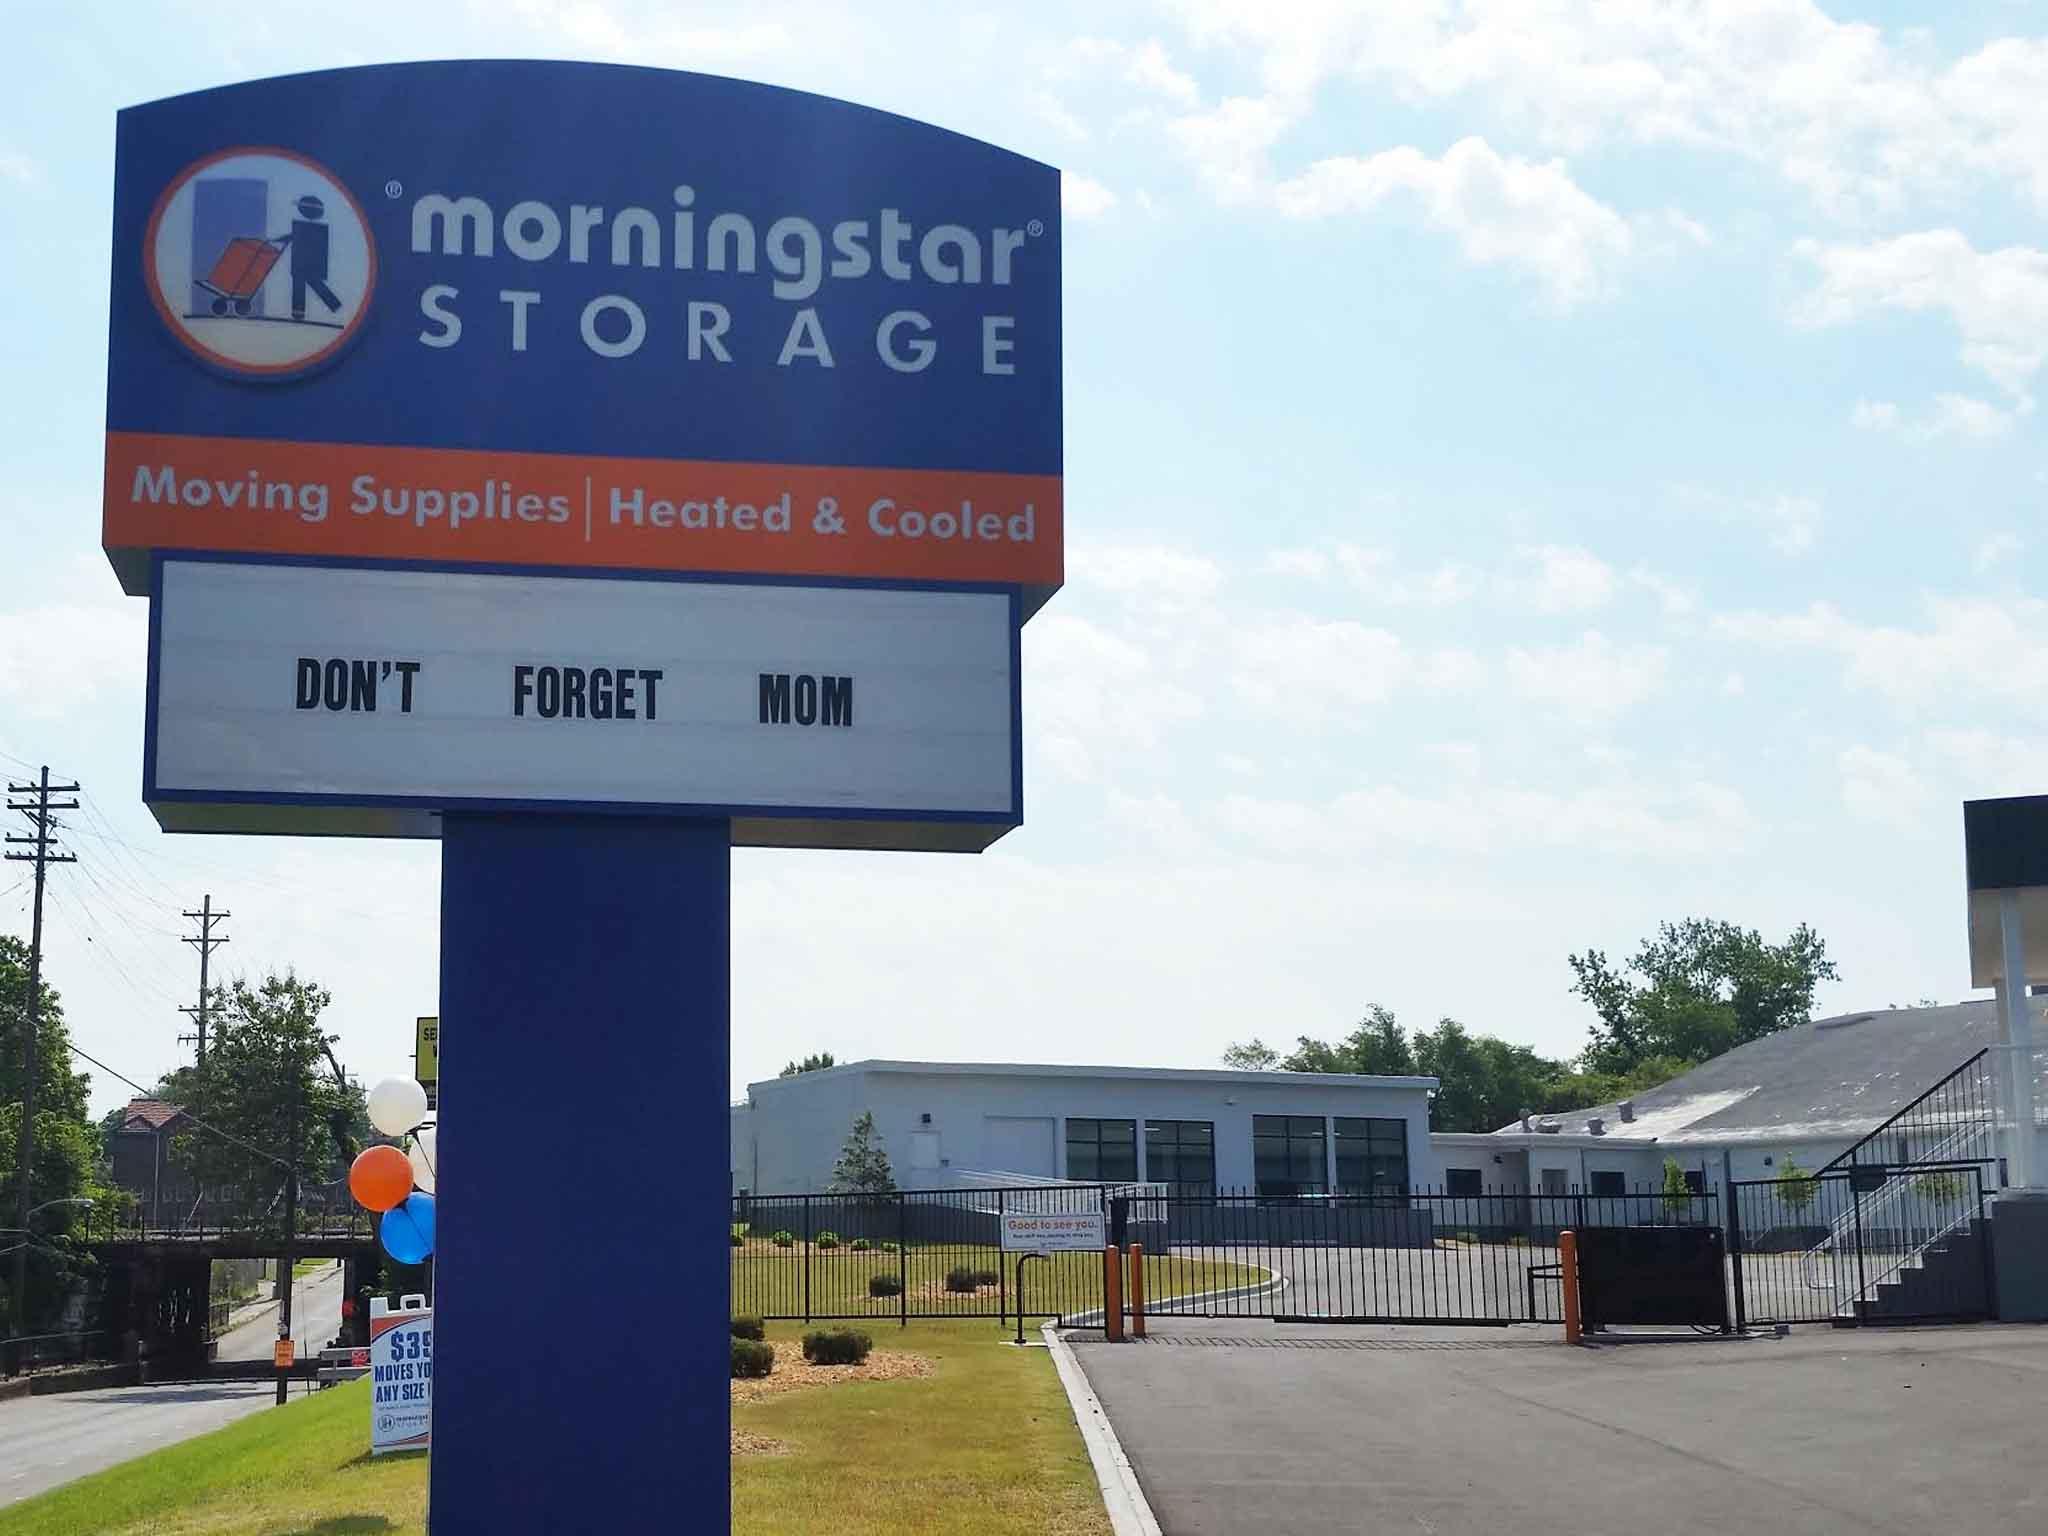 Readerboard Morningstar Storage